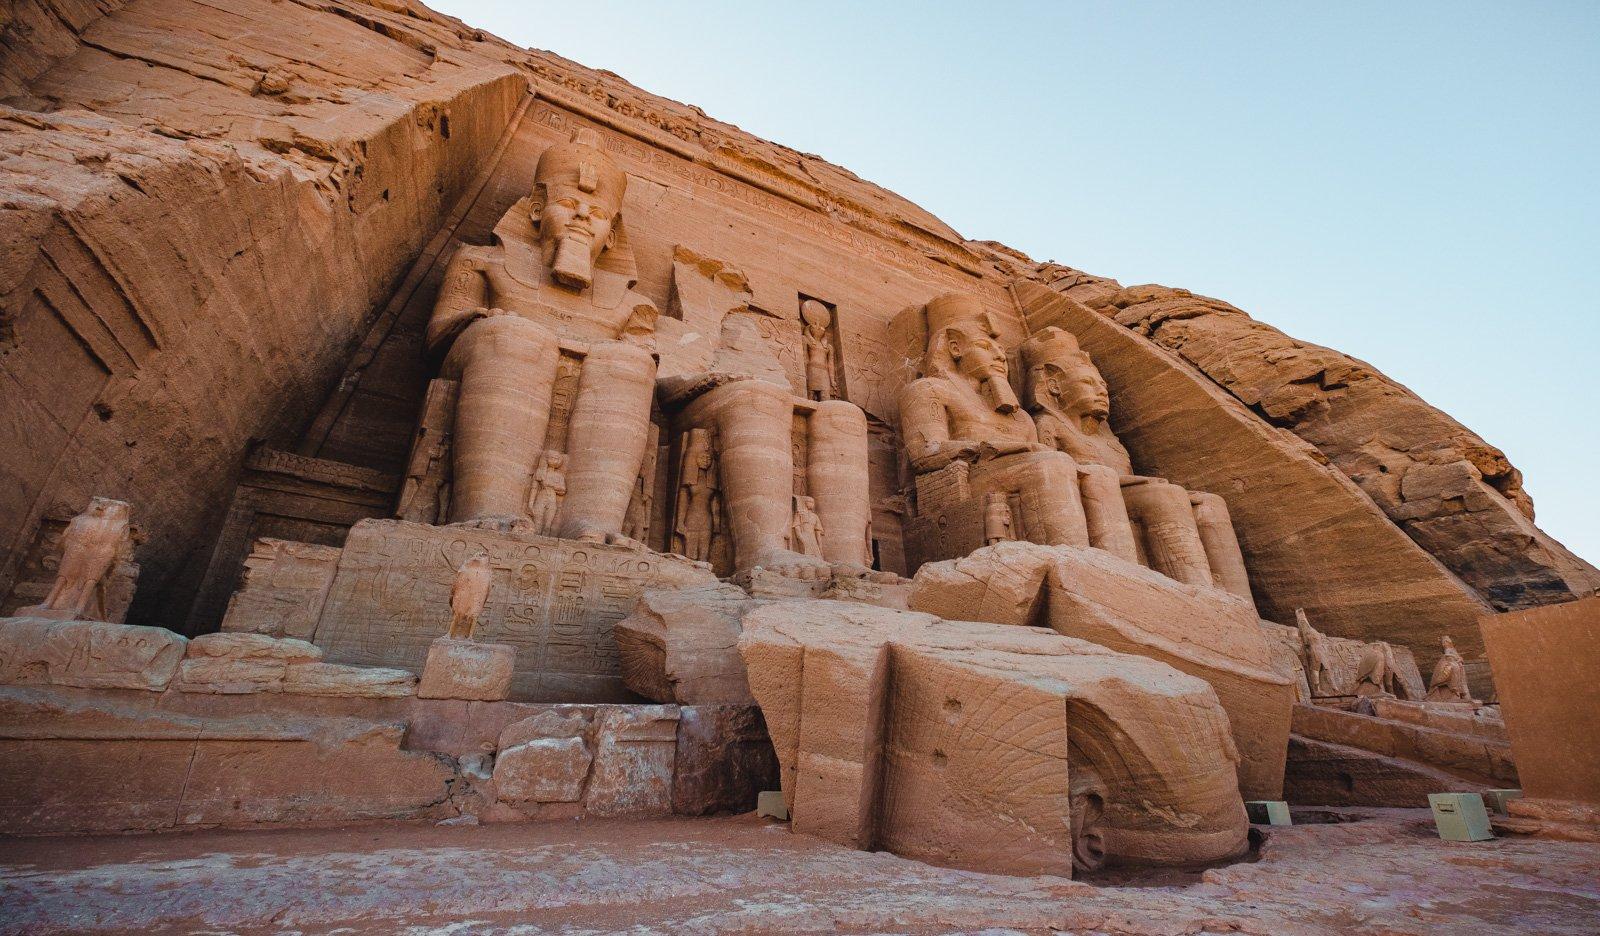 Monumentos de piedra antiguos en el desierto egipcio